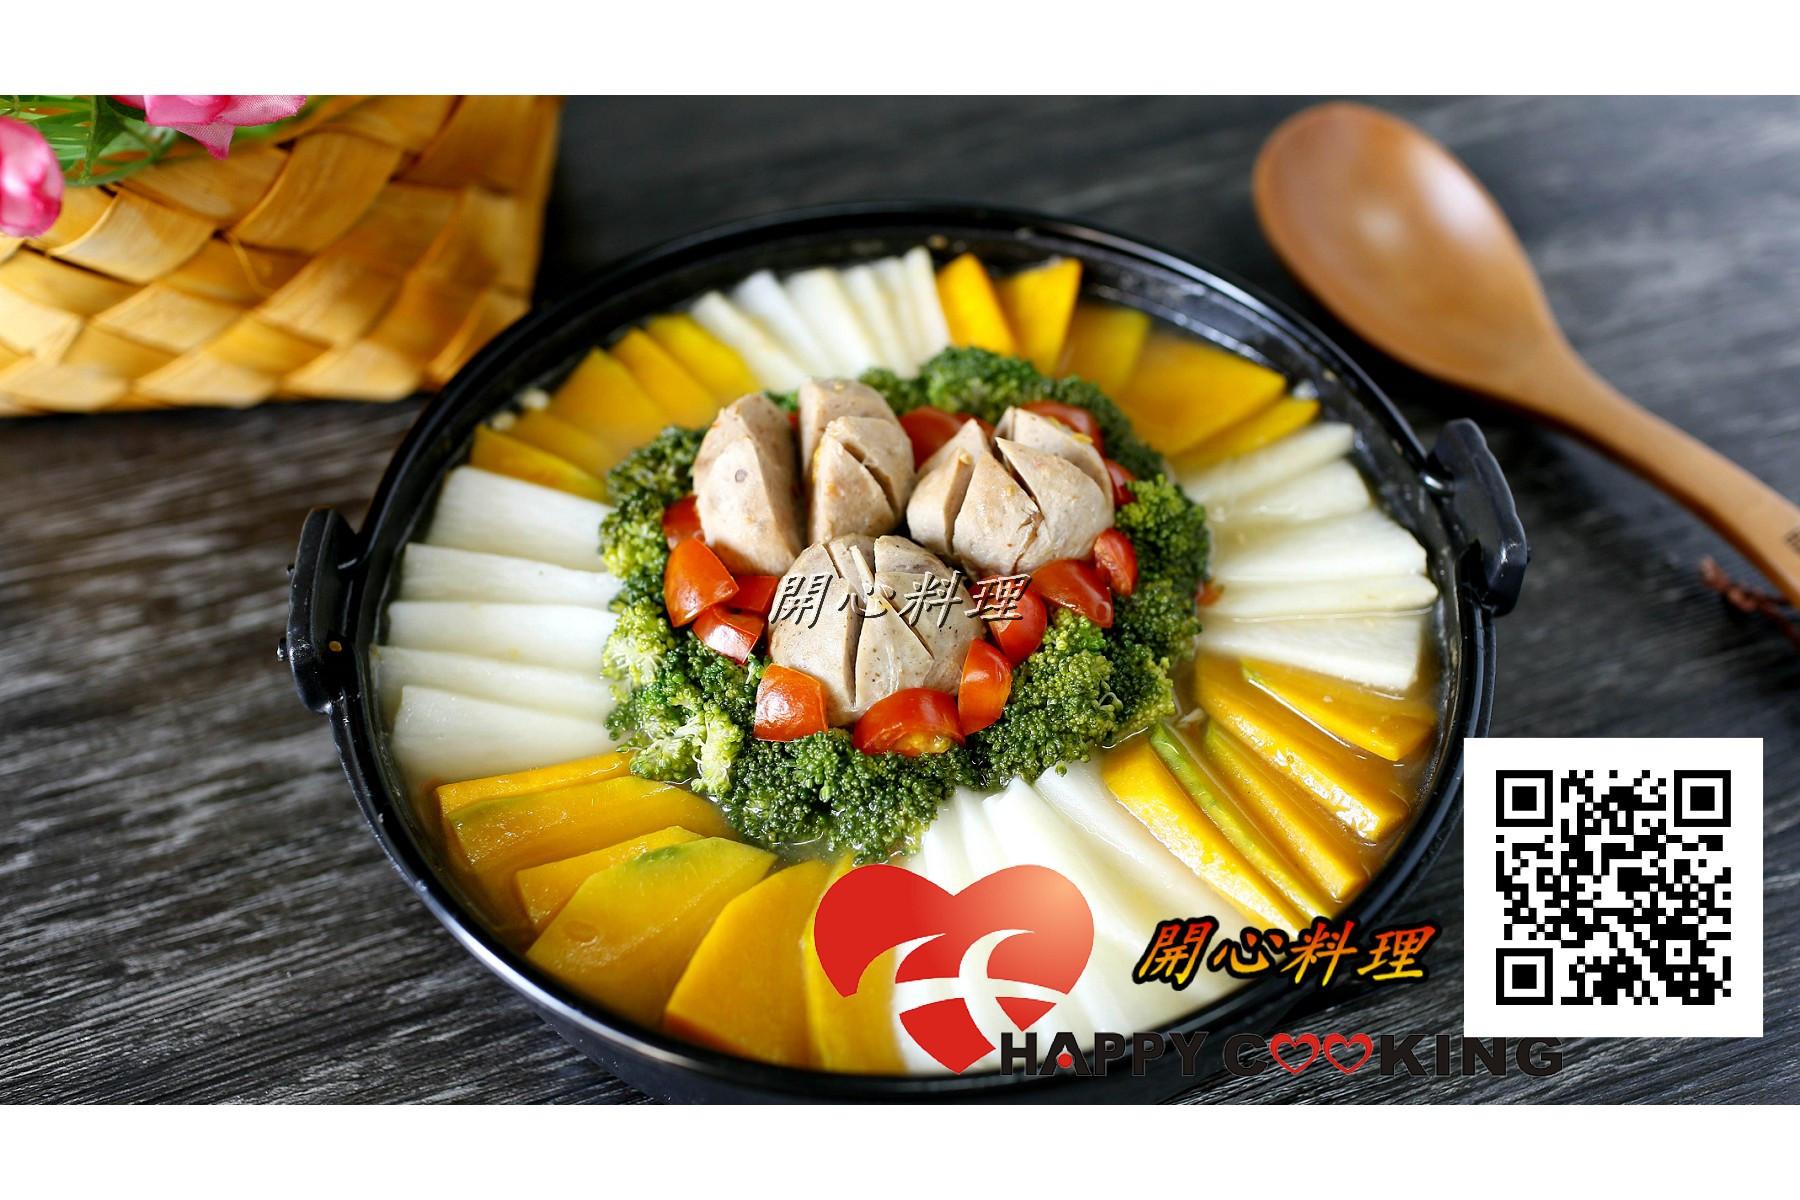 養生五蔬摃丸鍋